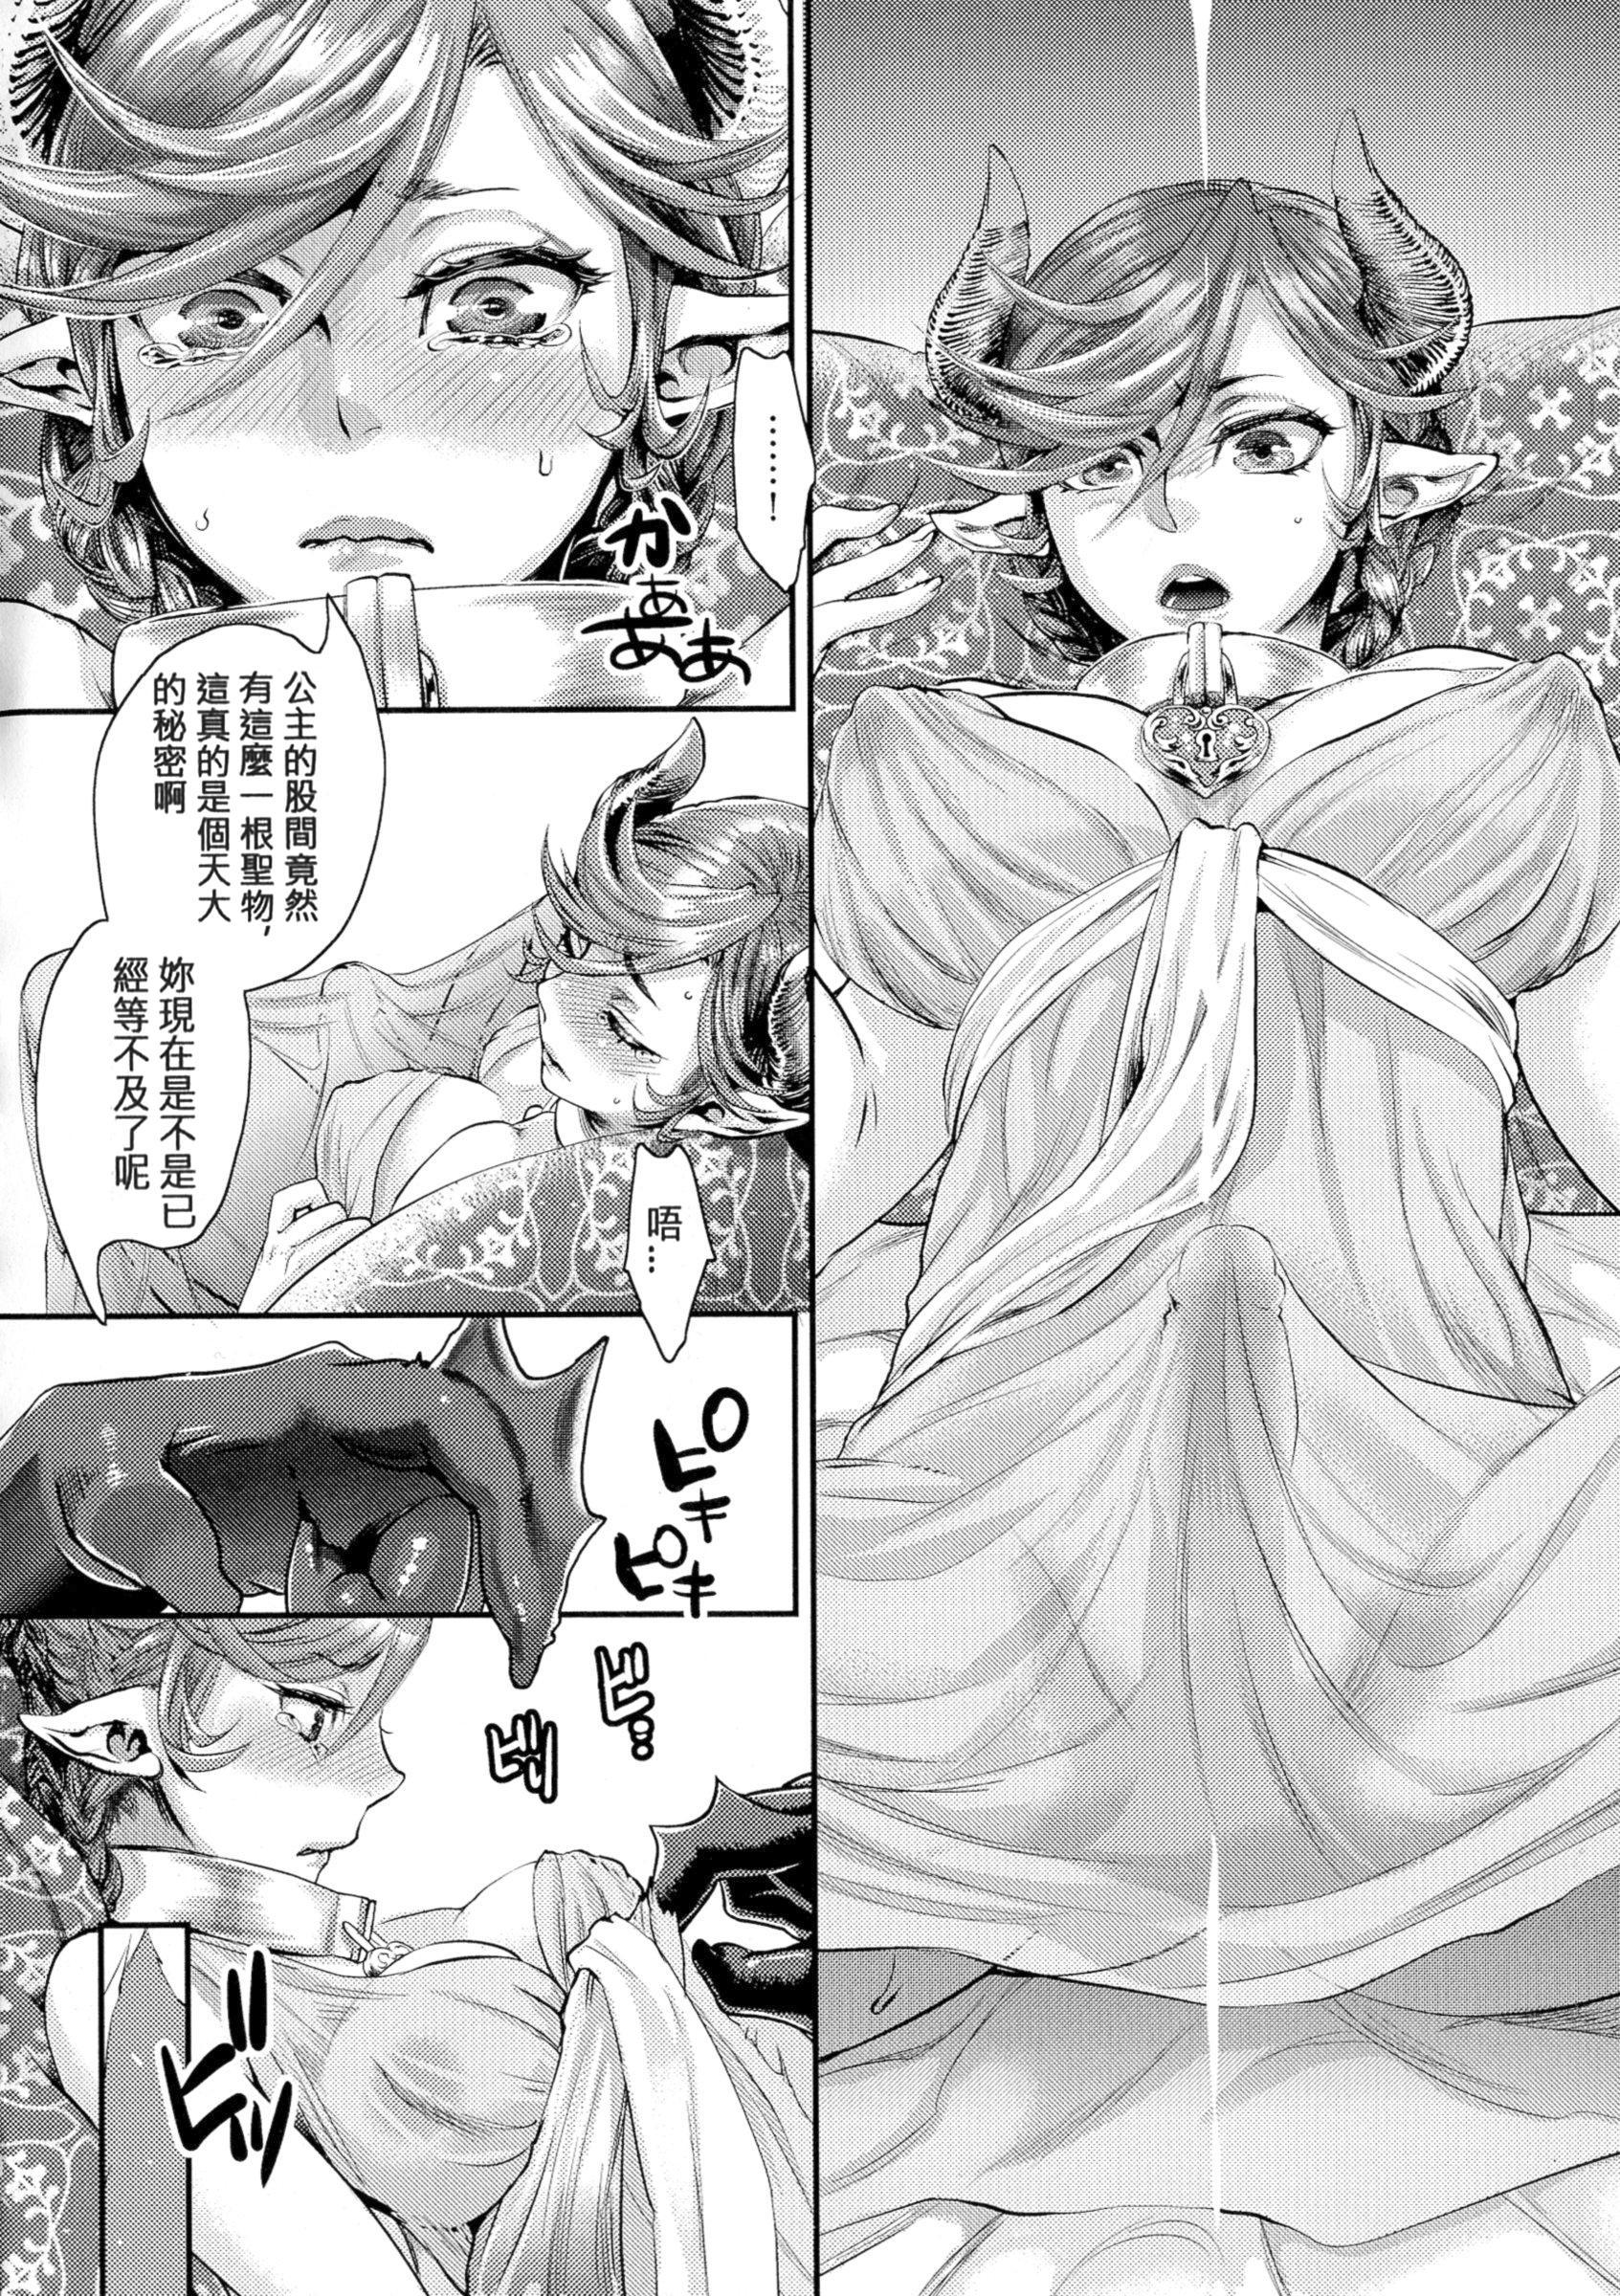 Chouki-sama no Ingyaku Yuugi 9